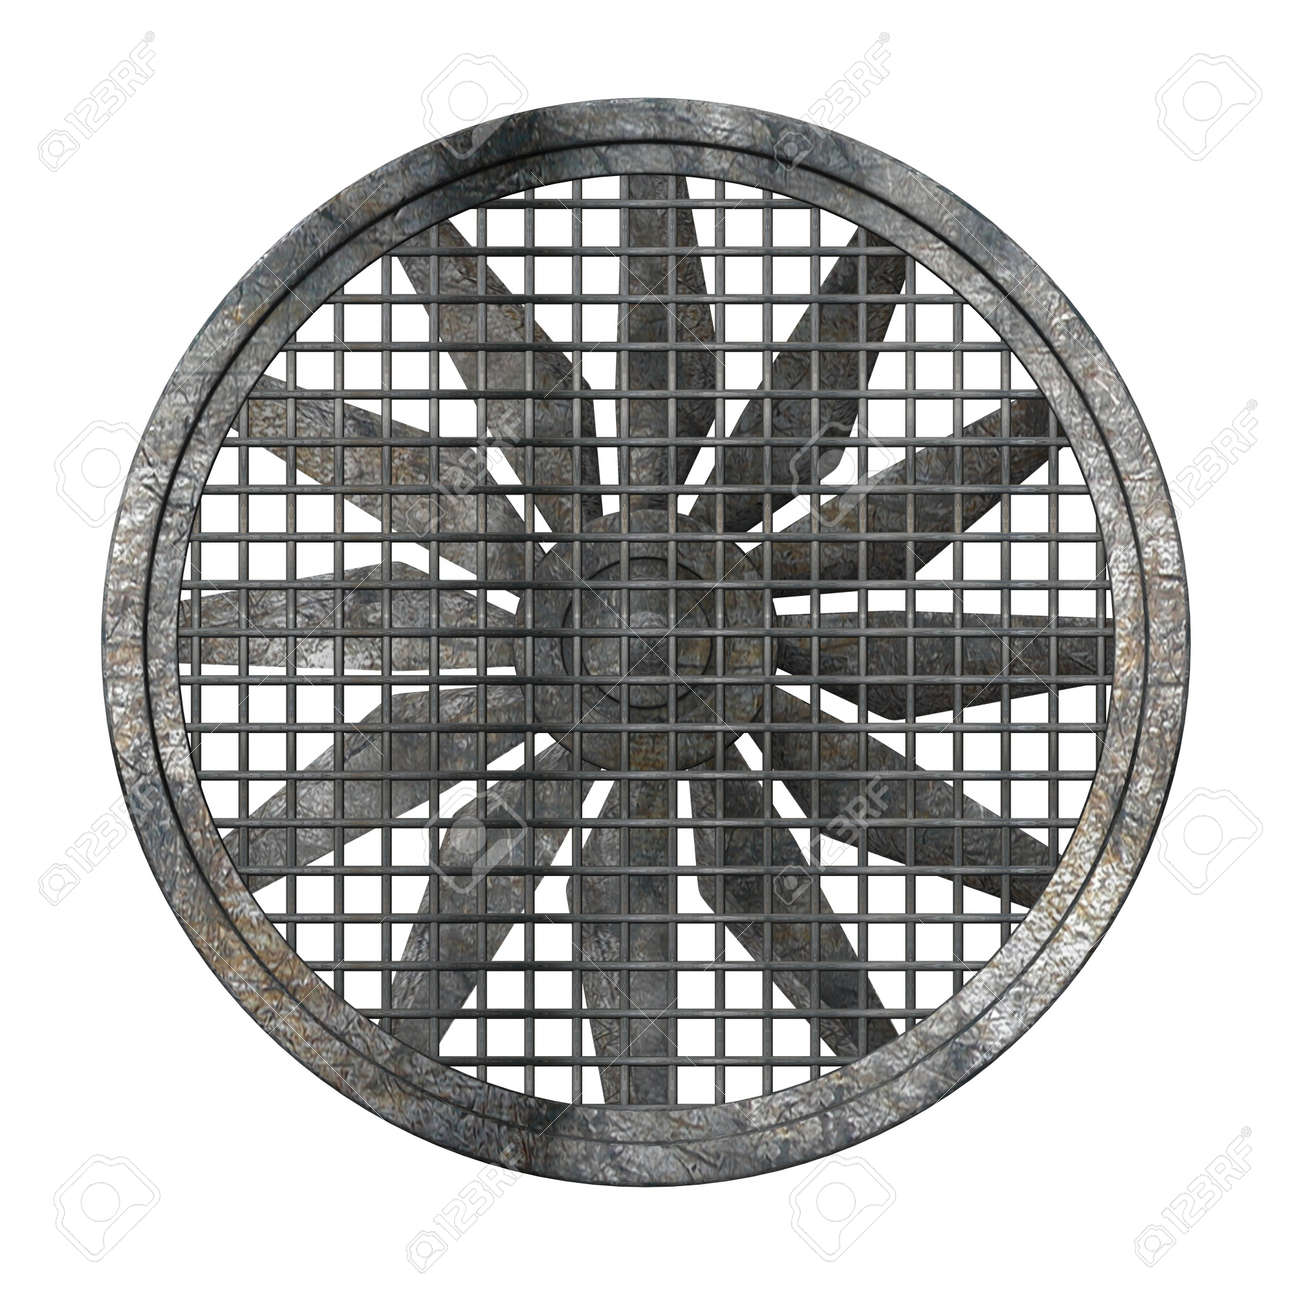 Verwonderend 3D Render Van Grote Industriële Ventilator Royalty-Vrije Foto EA-86